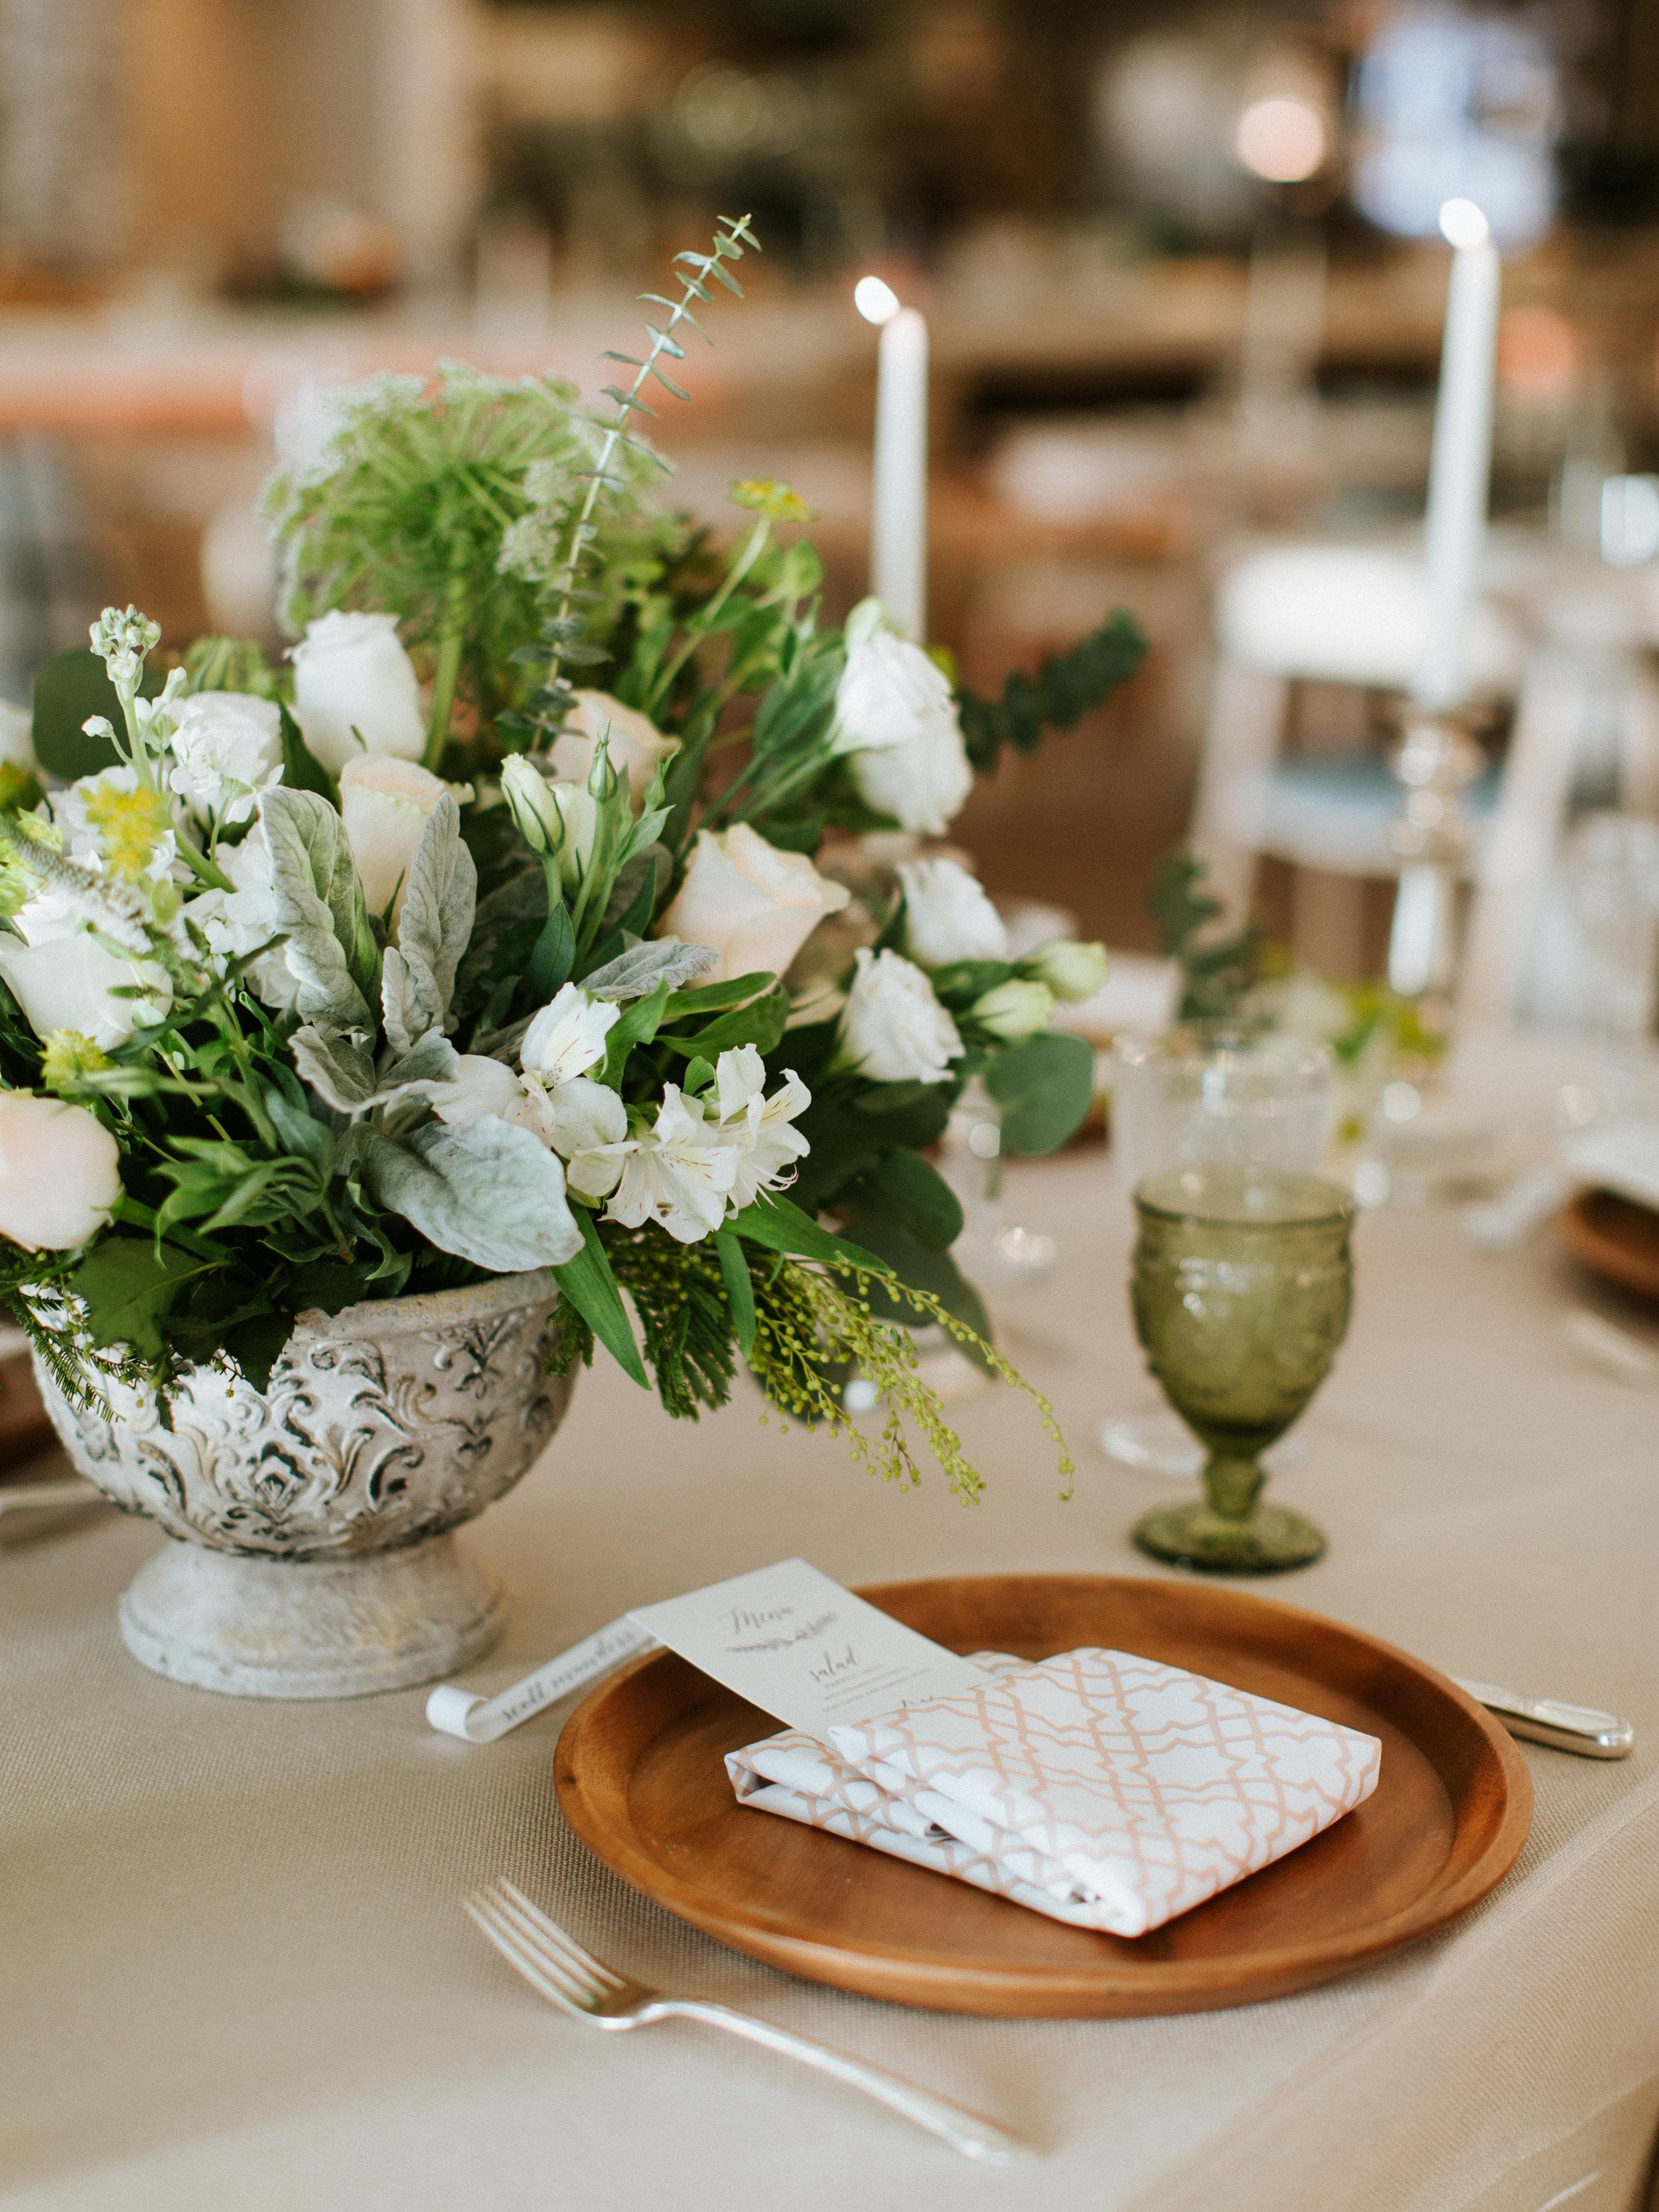 Vintage Wedding Decor - The Overwhelmed Bride Blog